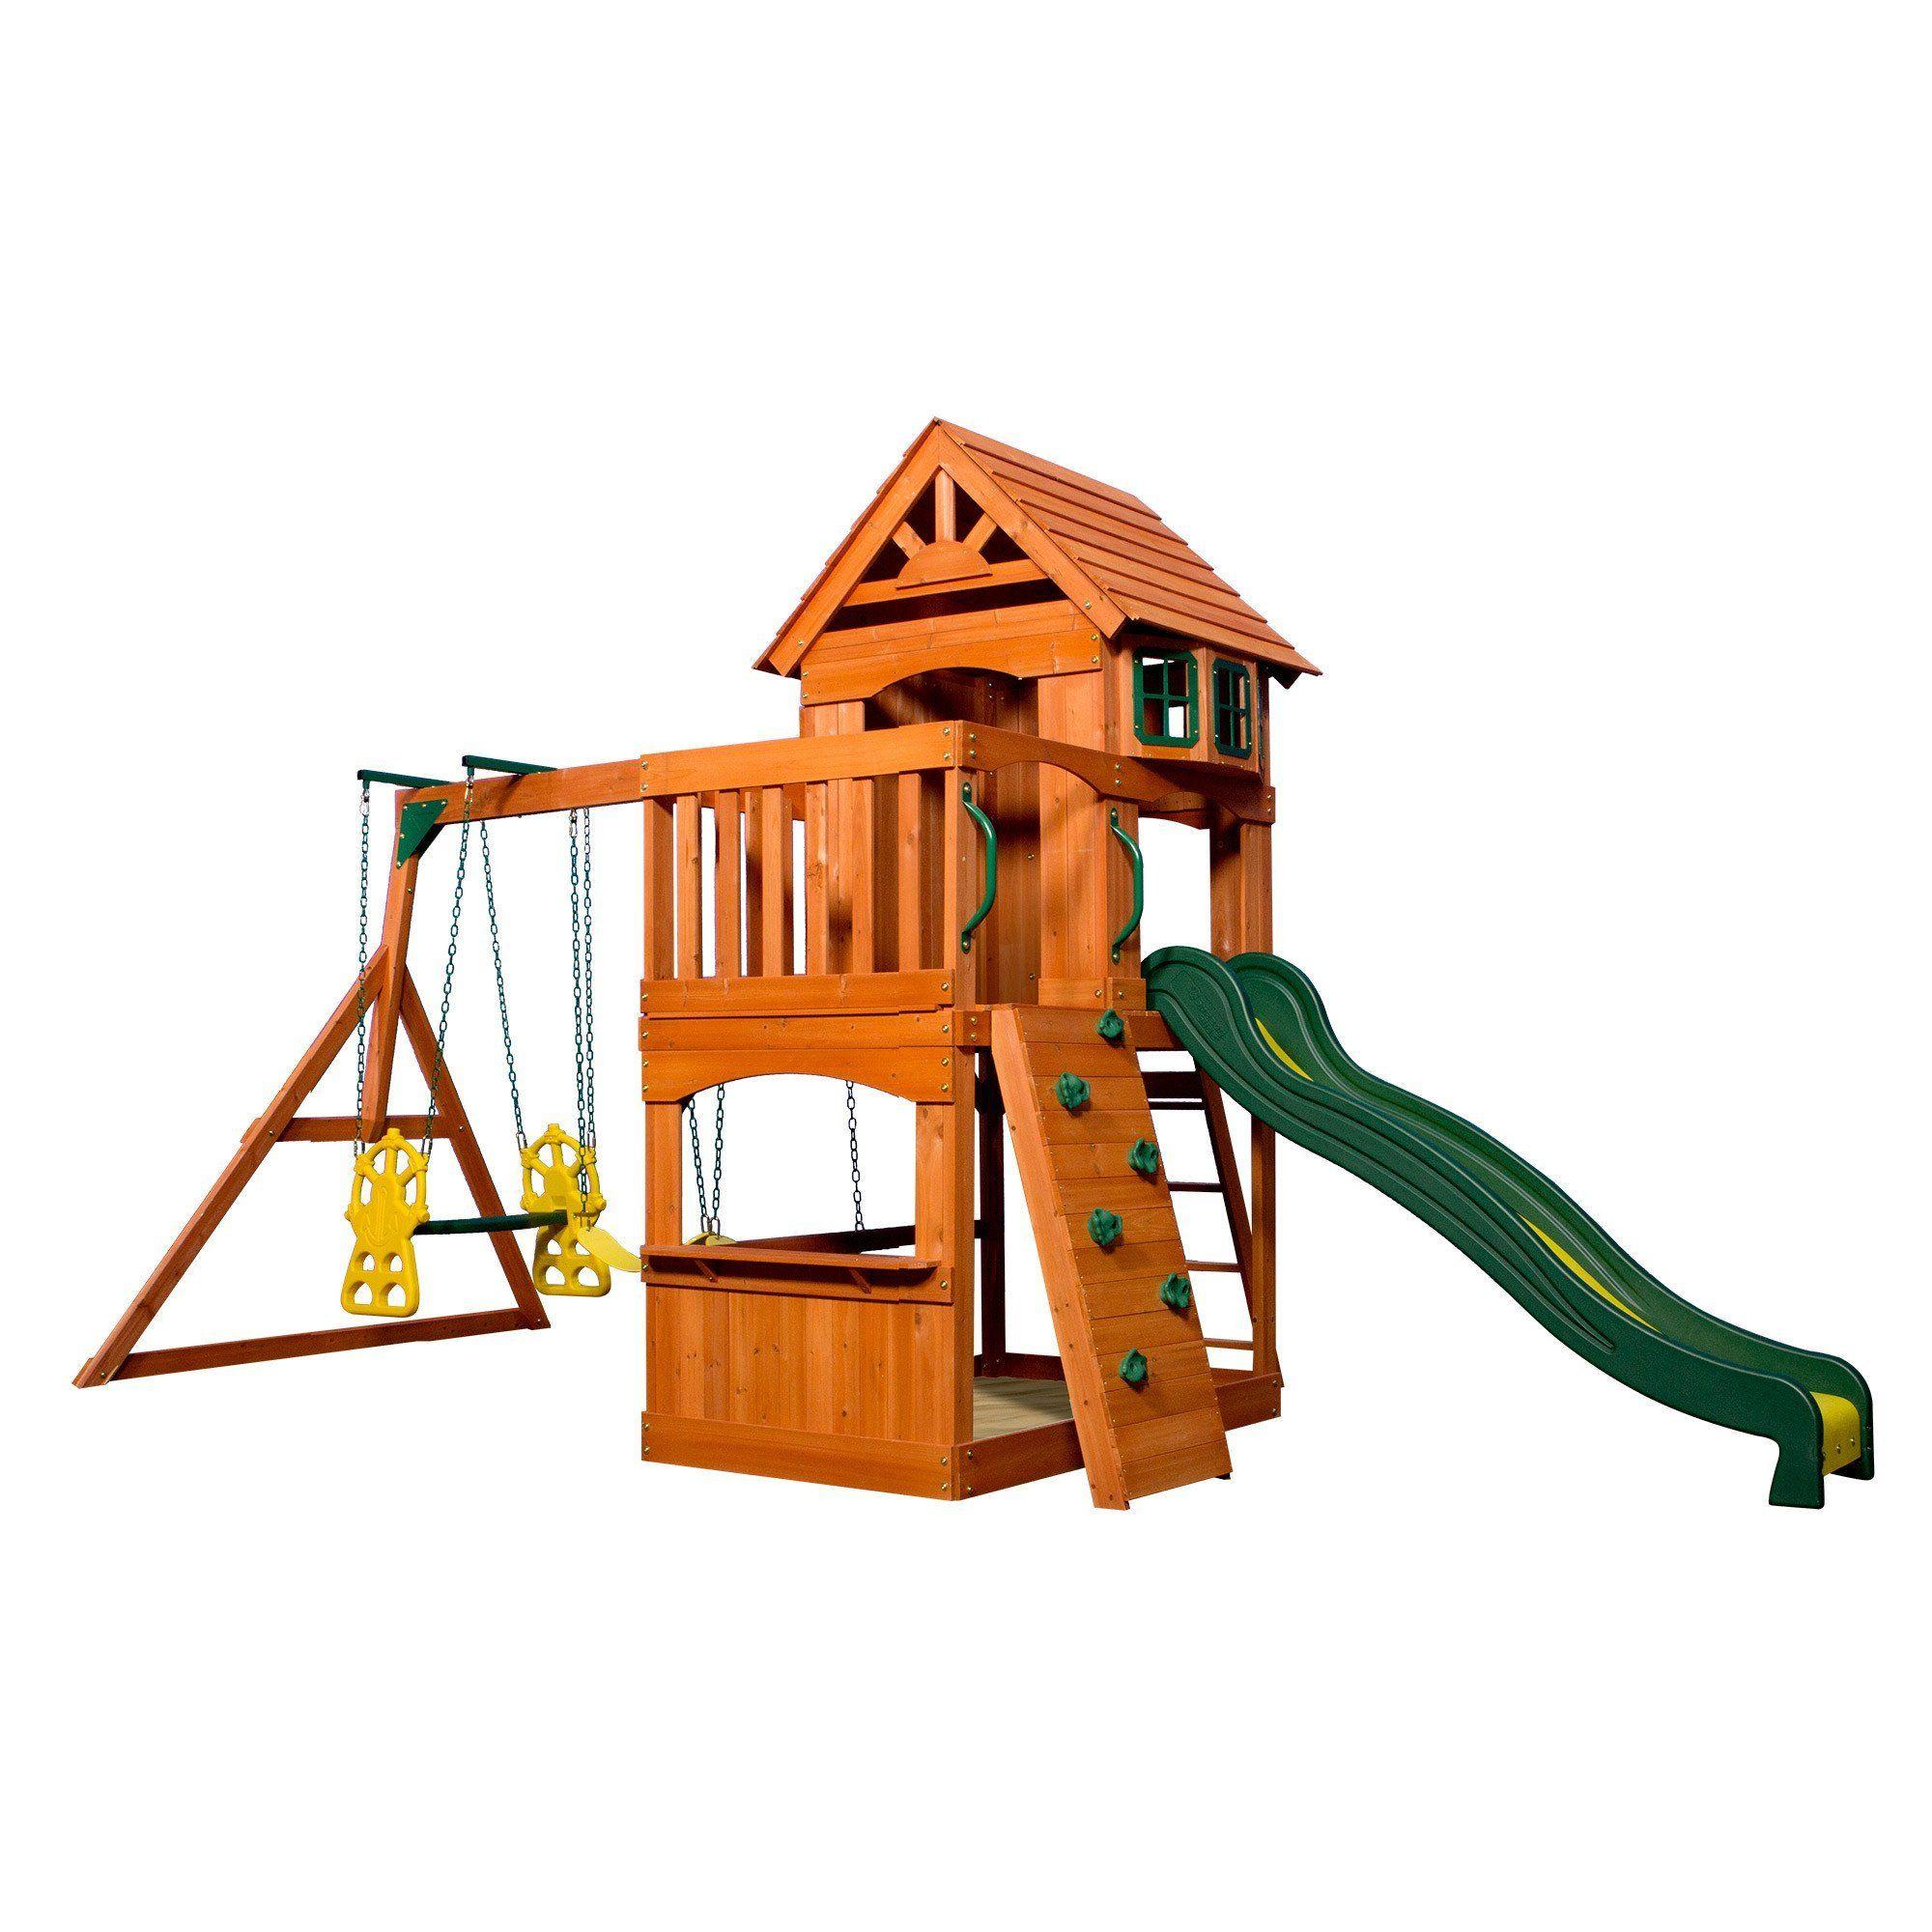 Atlantis Wooden Swing Set Wooden Swings Backyard Kids Swing